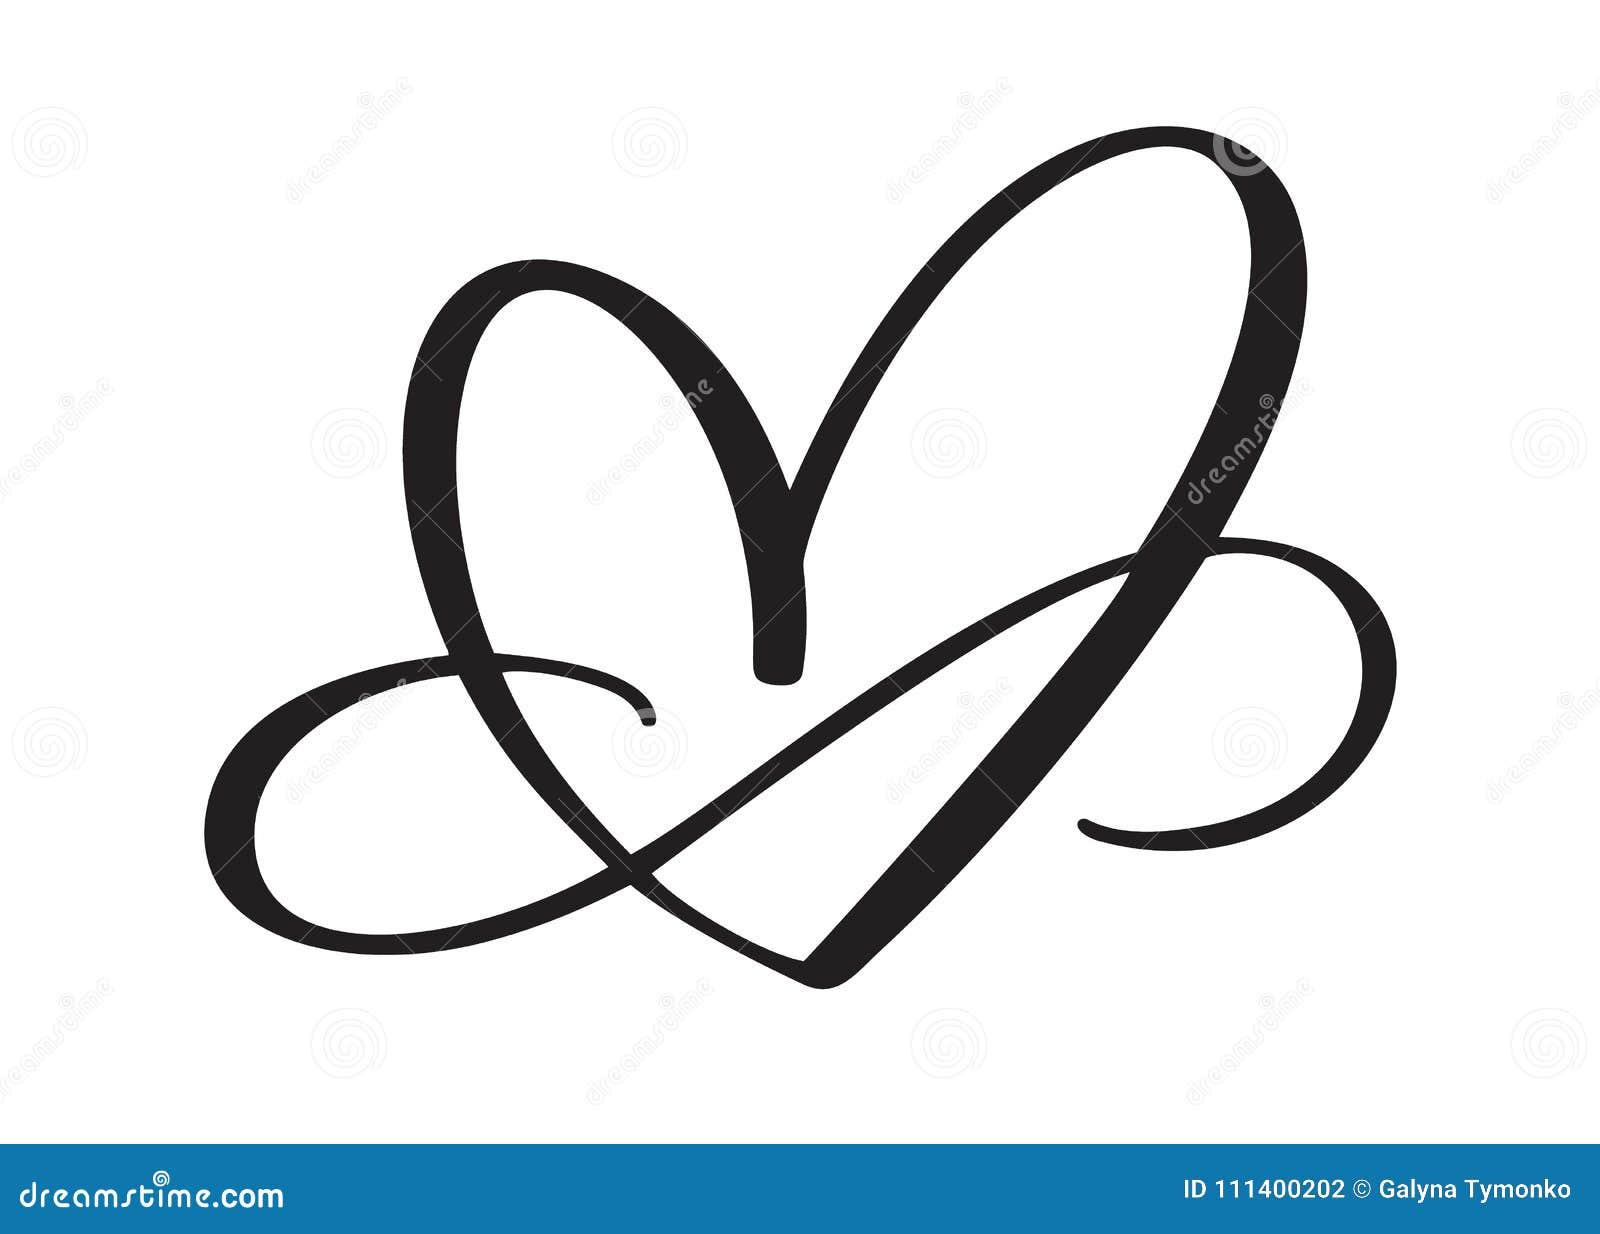 signe d 39 amour de coeur pour toujours le symbole romantique d 39 infini li se joignent passion et. Black Bedroom Furniture Sets. Home Design Ideas